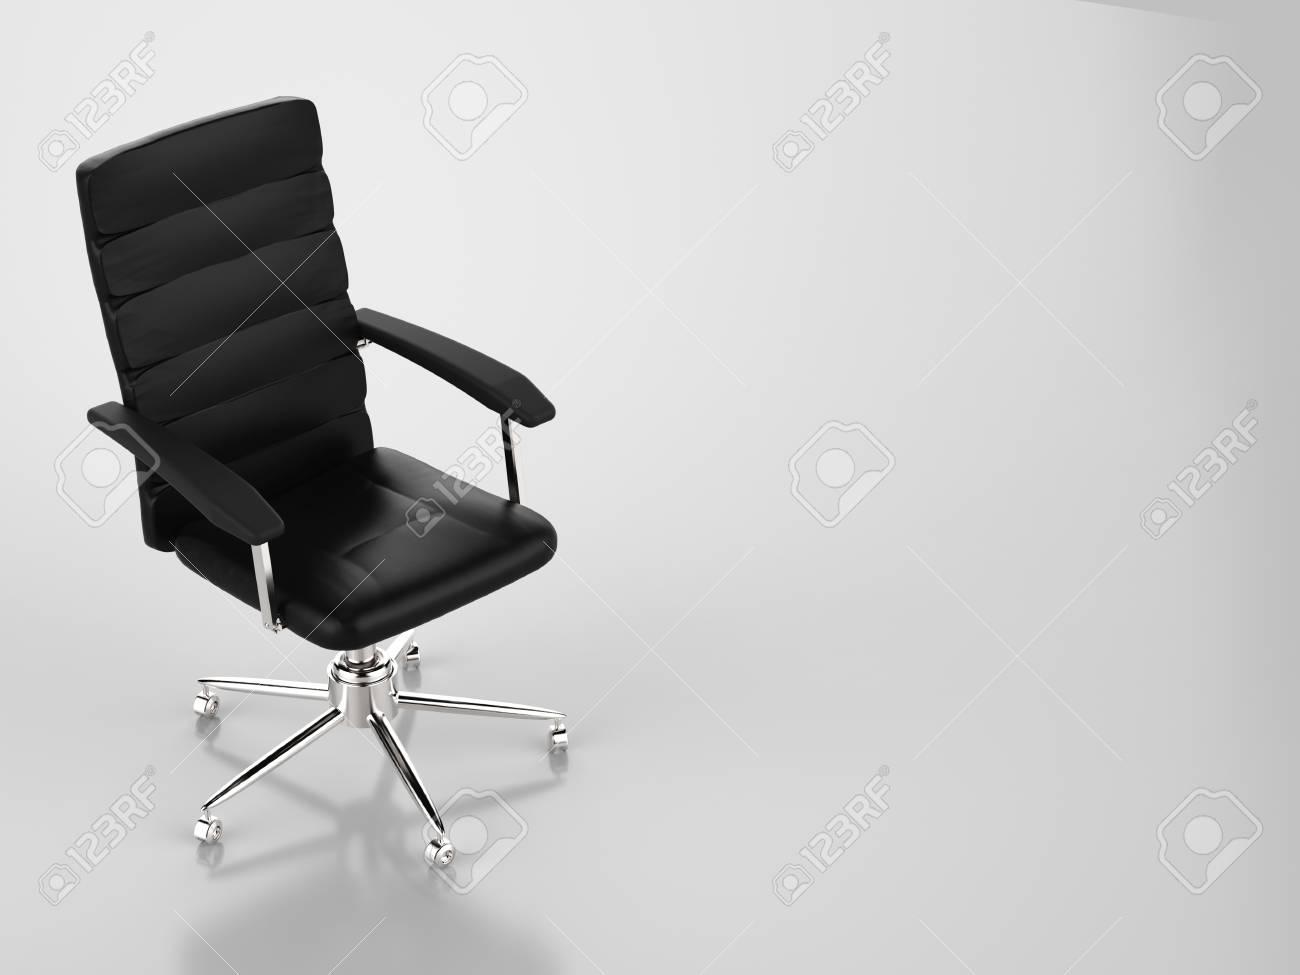 Sedie Da Ufficio In Pelle : Rendering 3d in pelle nera sedia da ufficio foto royalty free